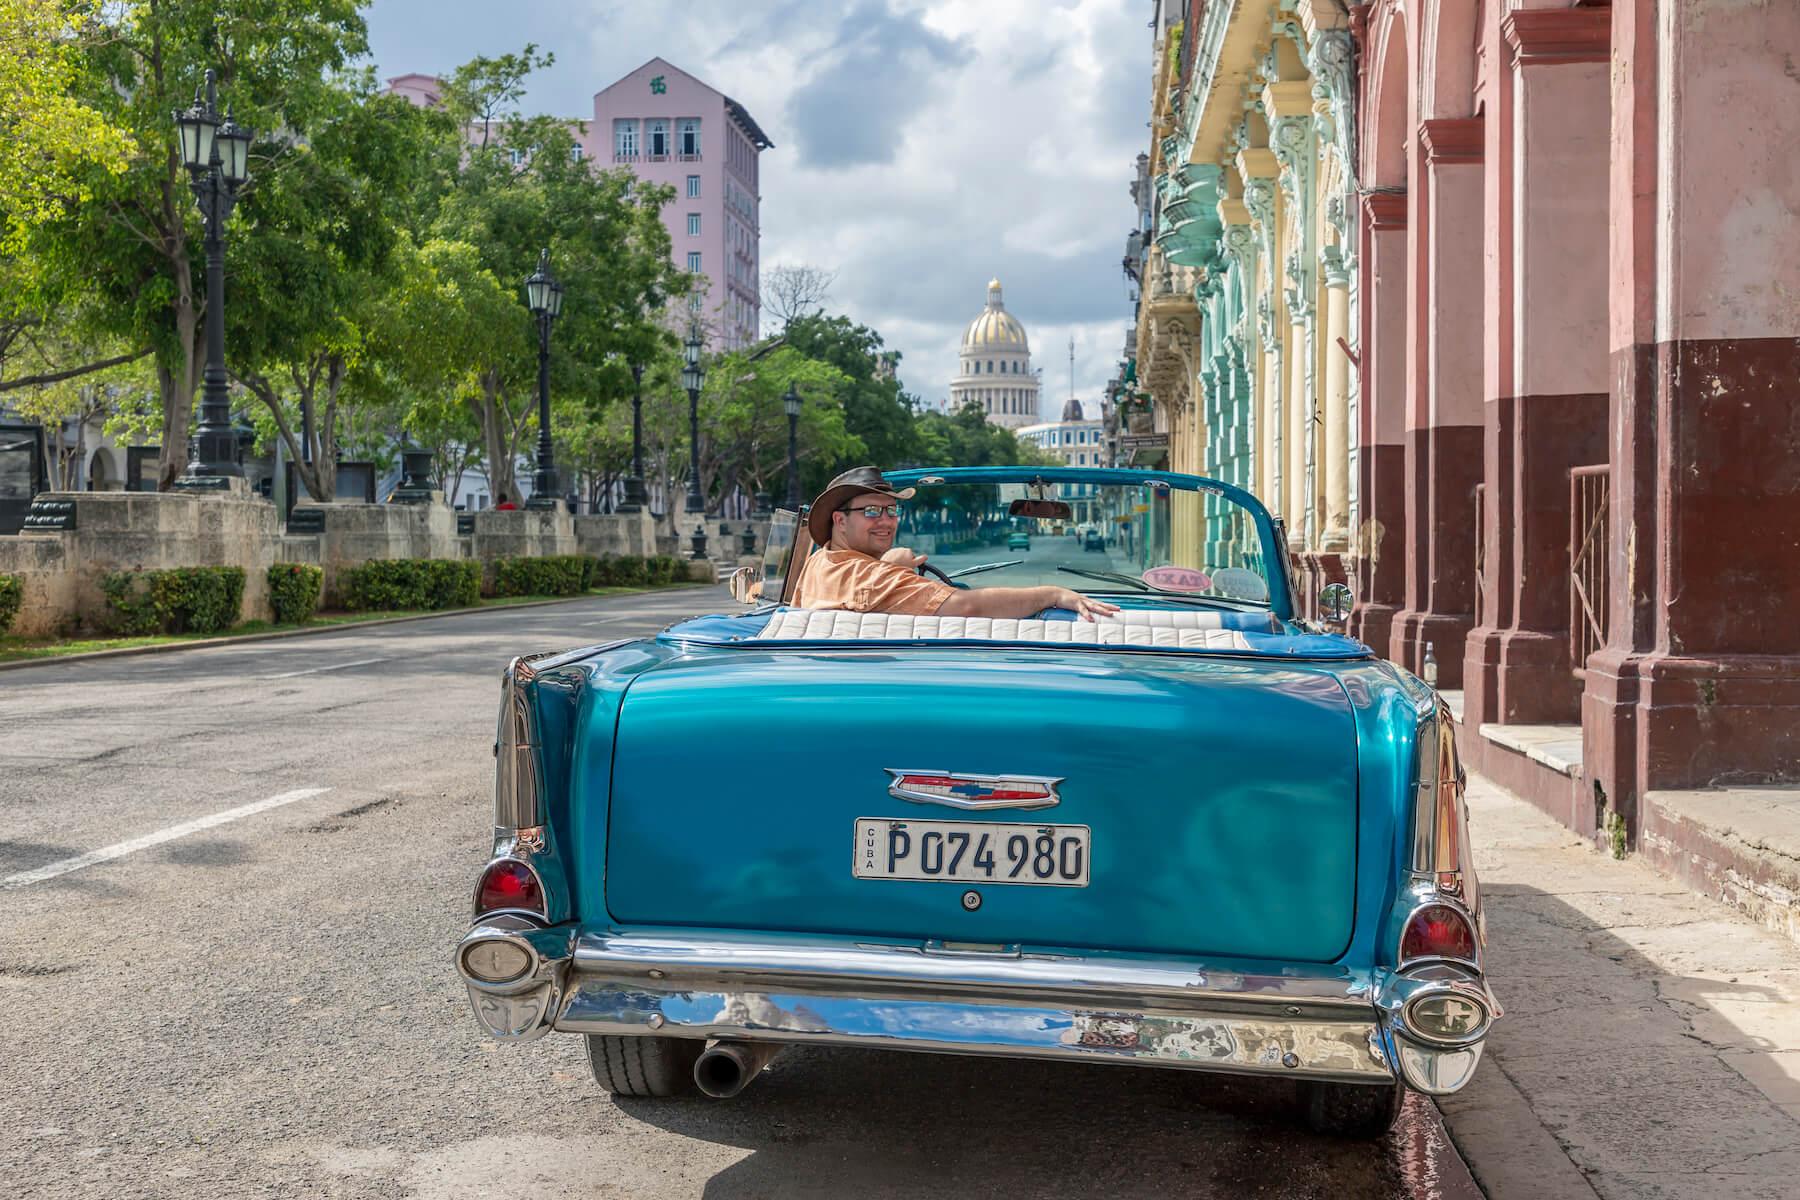 solo traveller sitting in a vintage car in Havana, Cuba